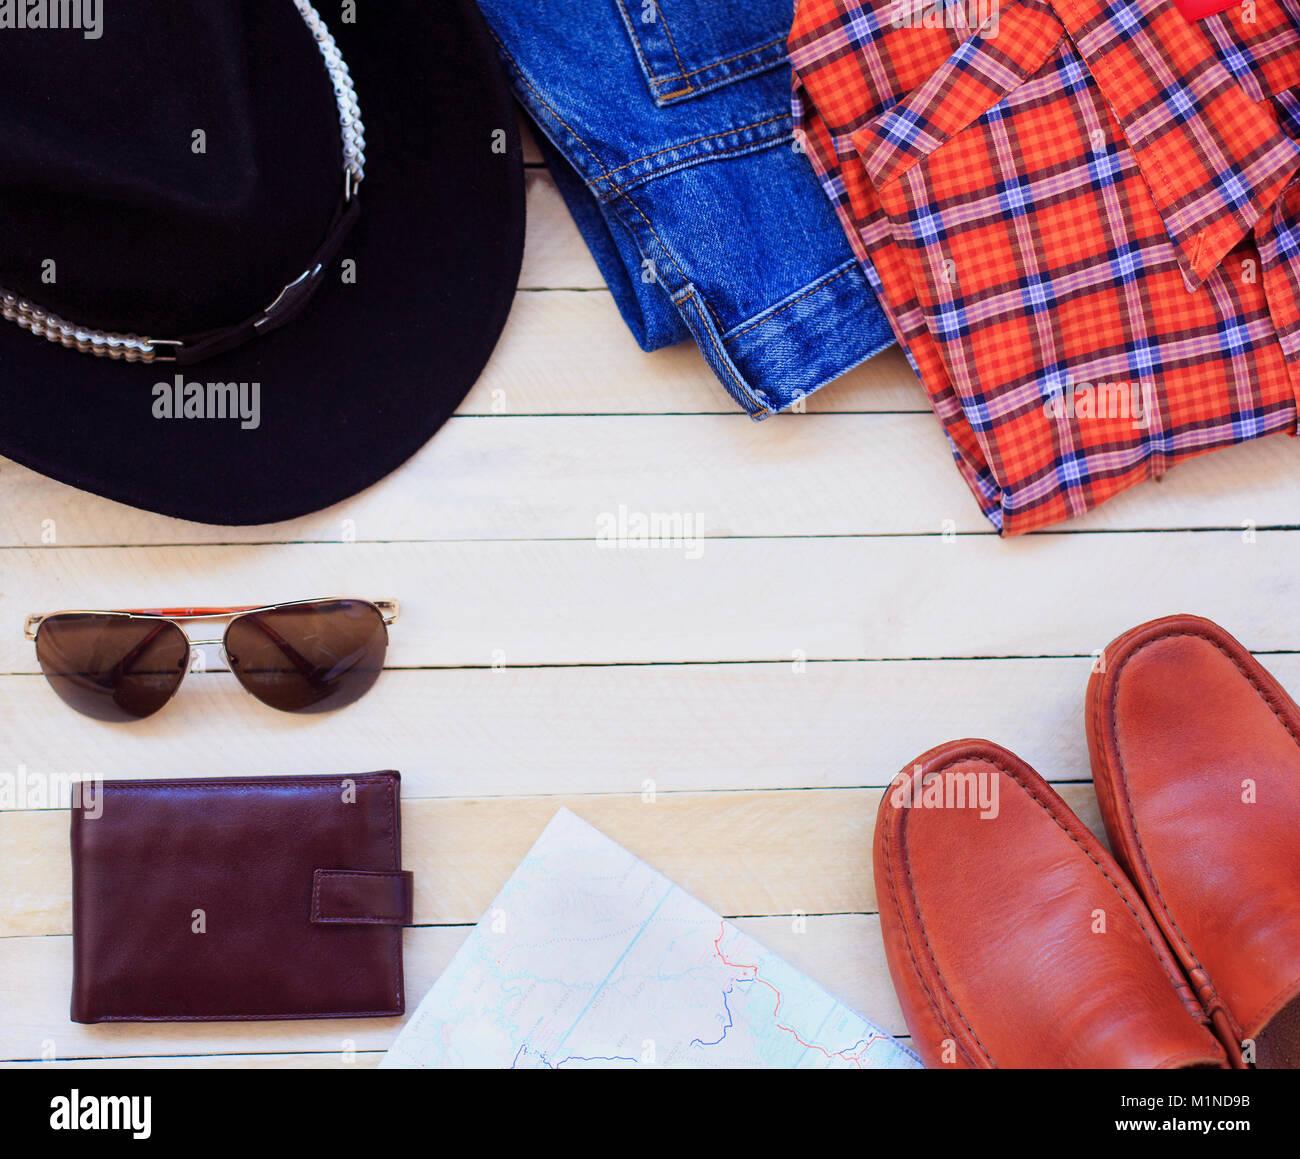 la vendita di scarpe vendita a buon mercato usa outlet in vendita Uomo abiti casual con abbigliamento uomo, preparazioni per il ...